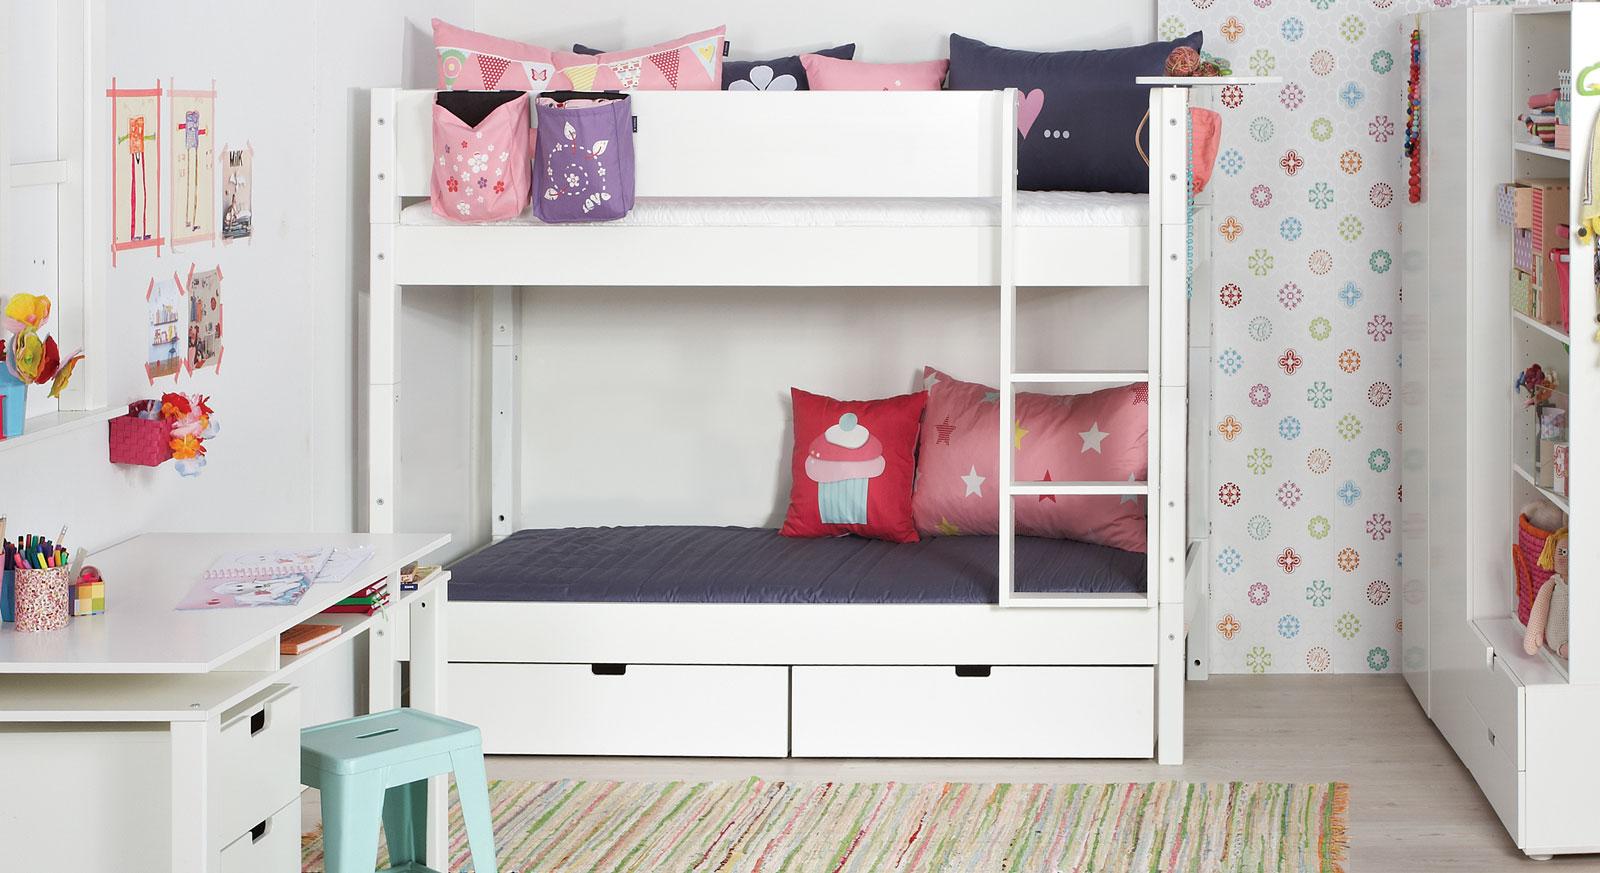 Etagenbett Für Jungs : Hochbetten für das kinderzimmer u erfahrungswerte